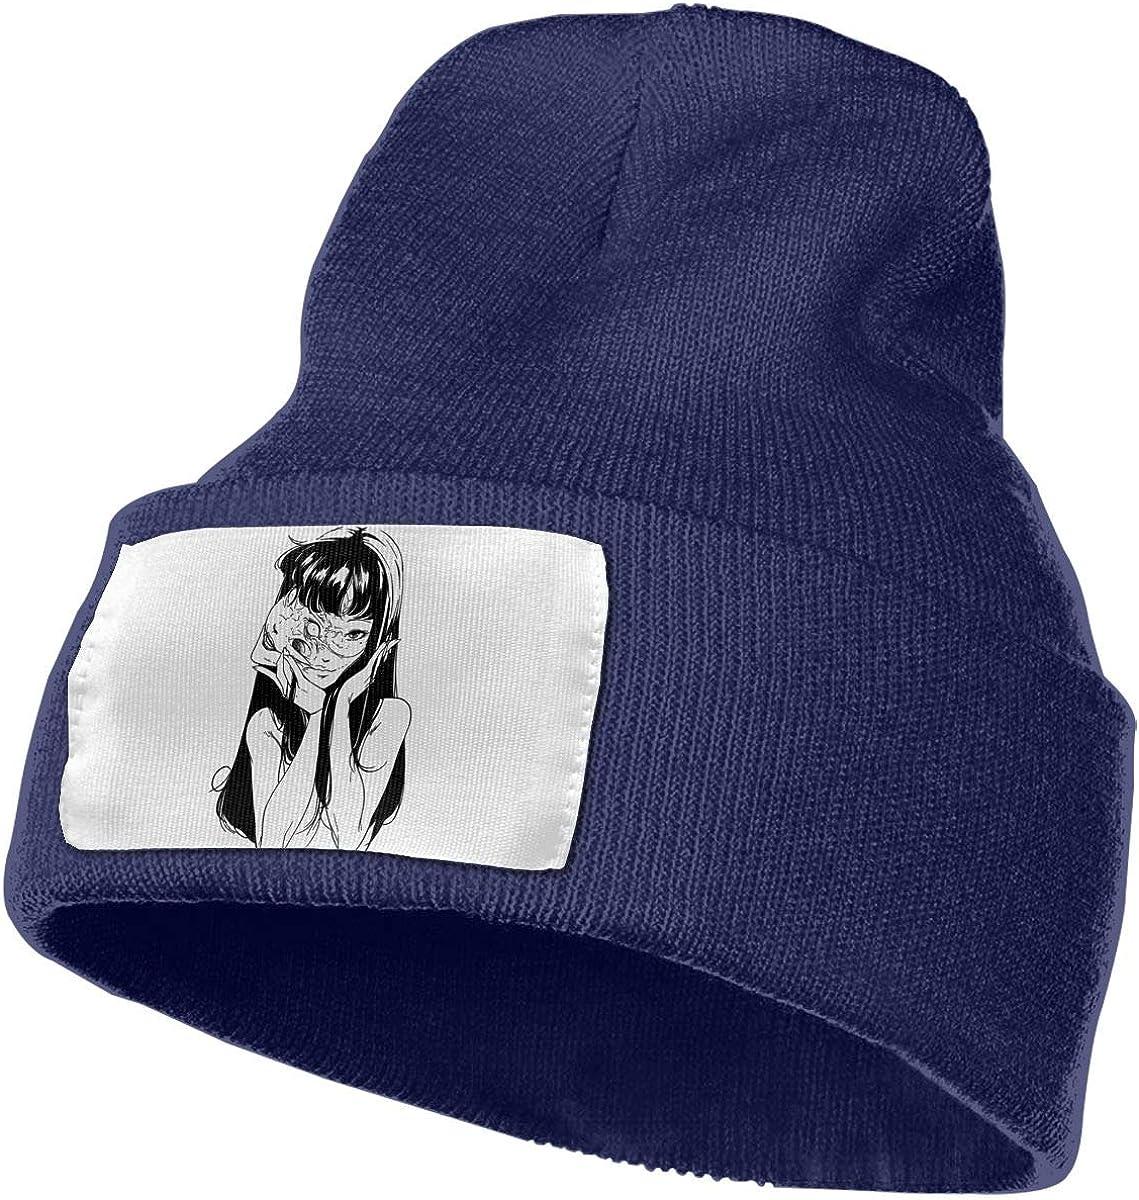 NOT Junji Ito Knitting Hat Beanie Cap Warm Winter Unisex